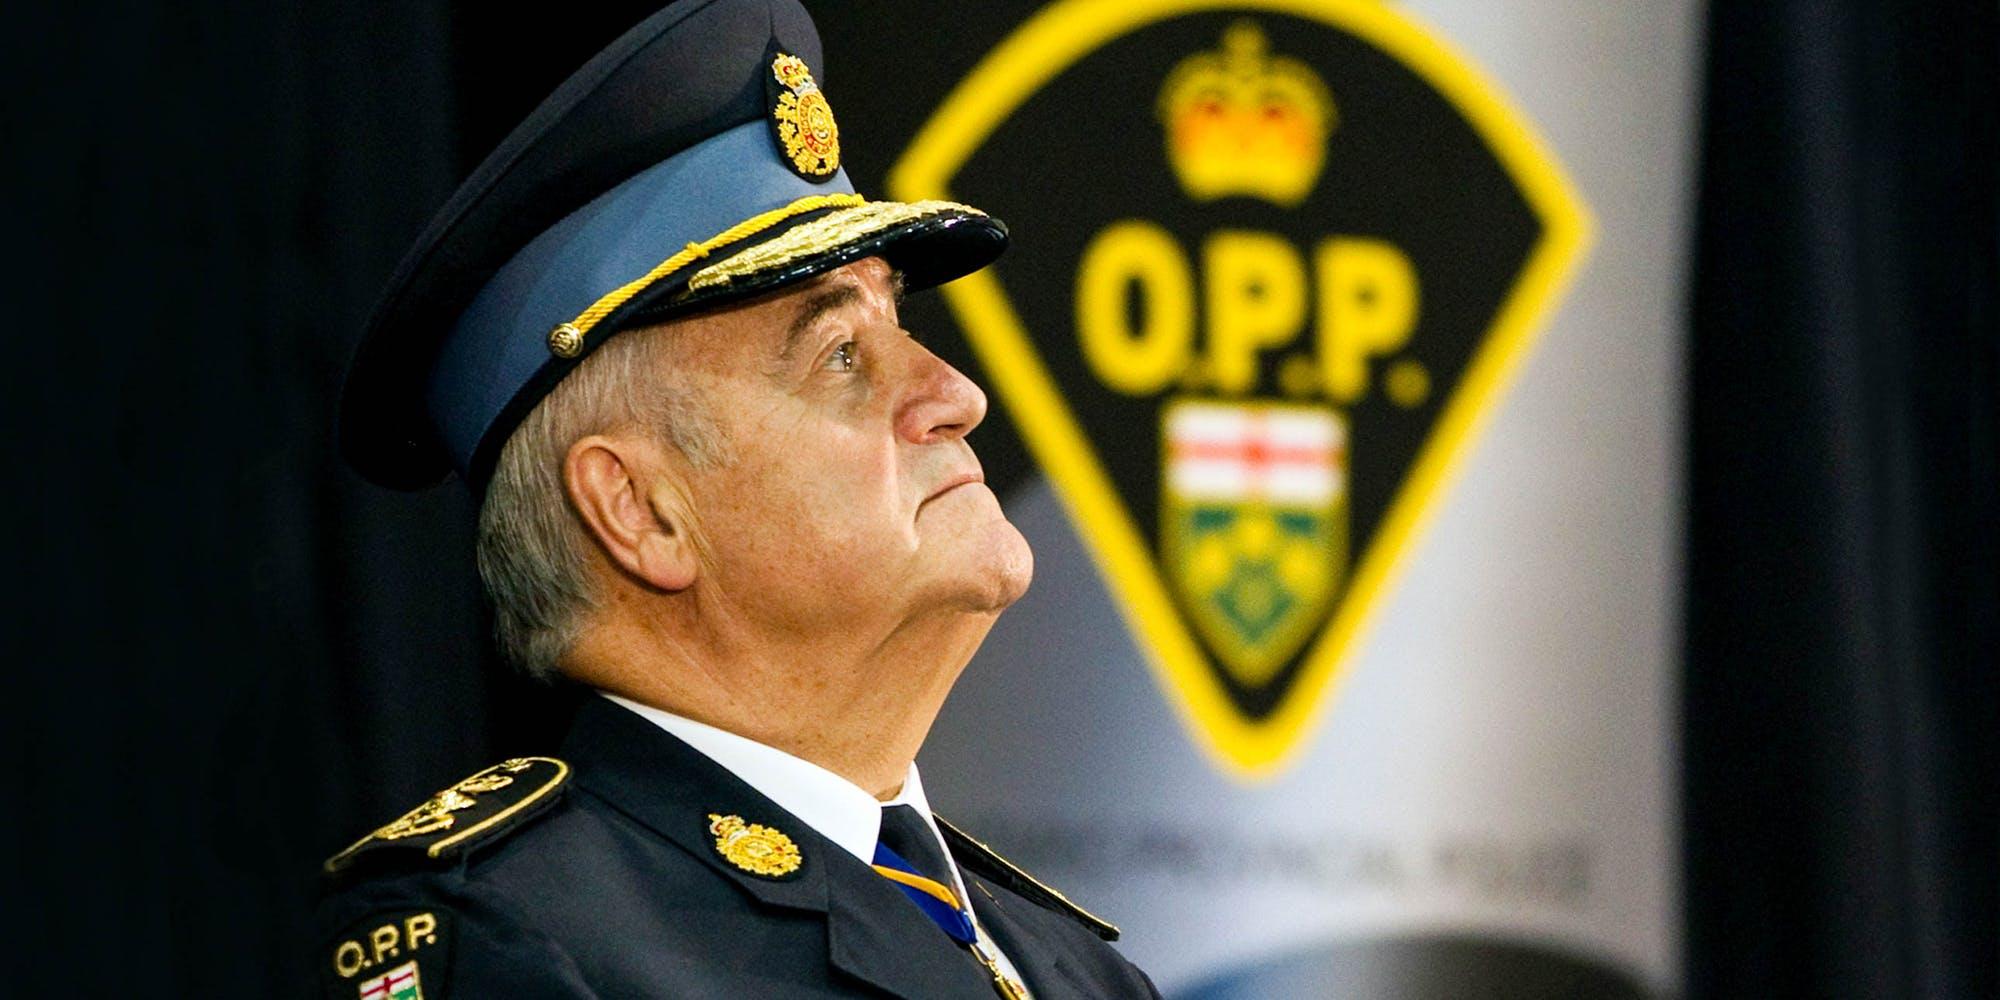 Polisi Top Kanada Julian Fantino Memberitahu Herb Mengapa Dia Pergi Ke Cannabis